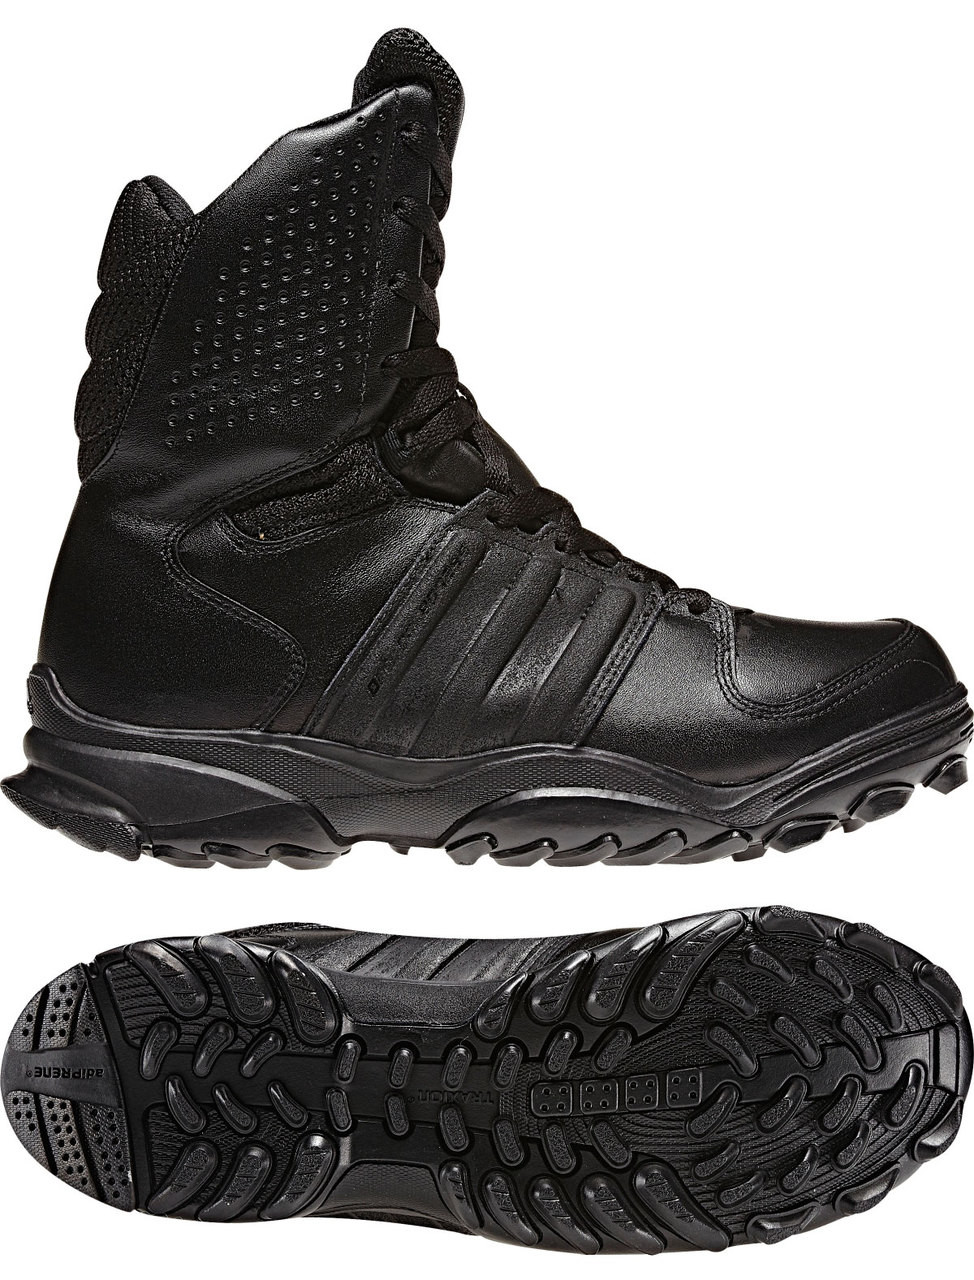 adidas gsg 9.3 black - 64% remise - www